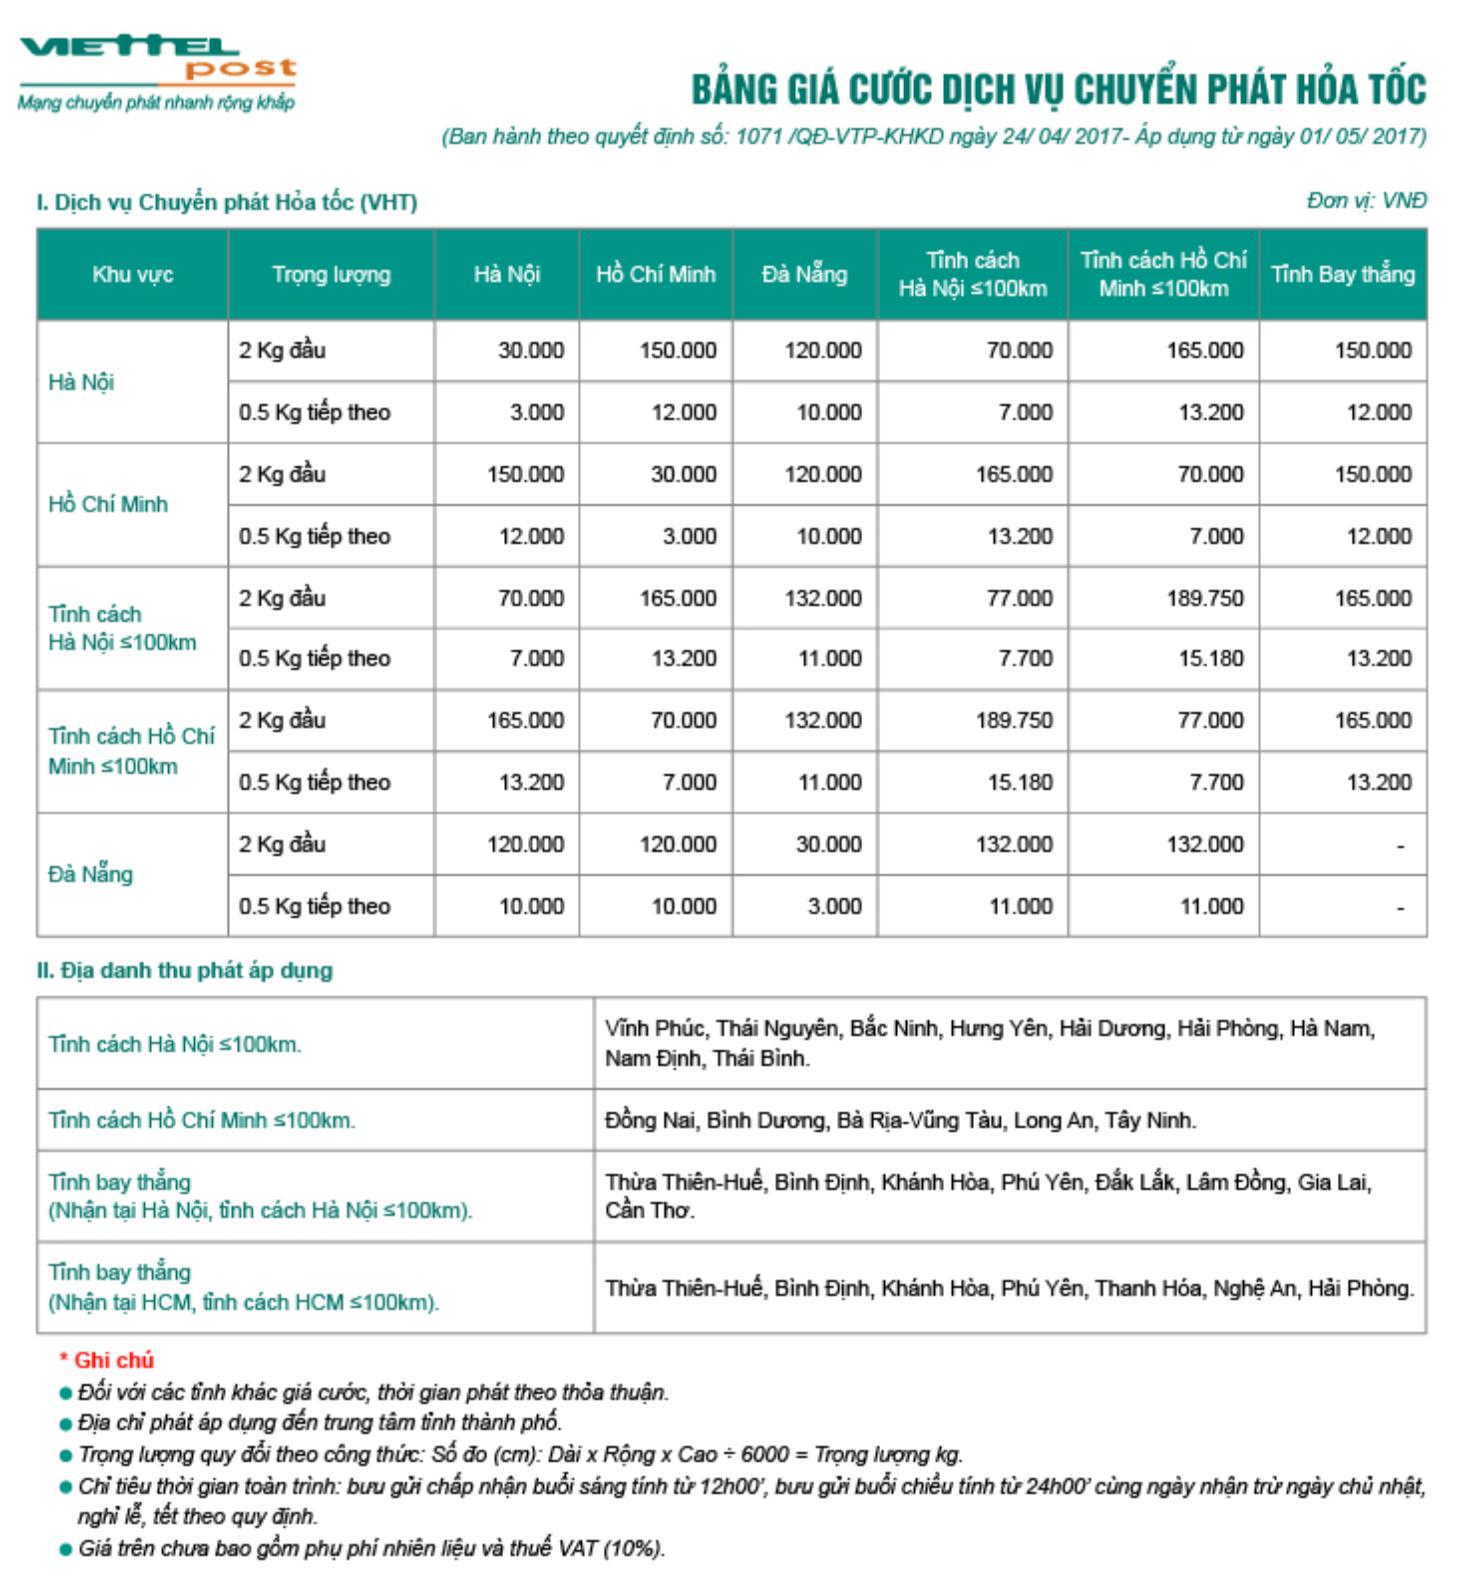 Bảng giá dịch vụ chuyển phát hỏa tốc